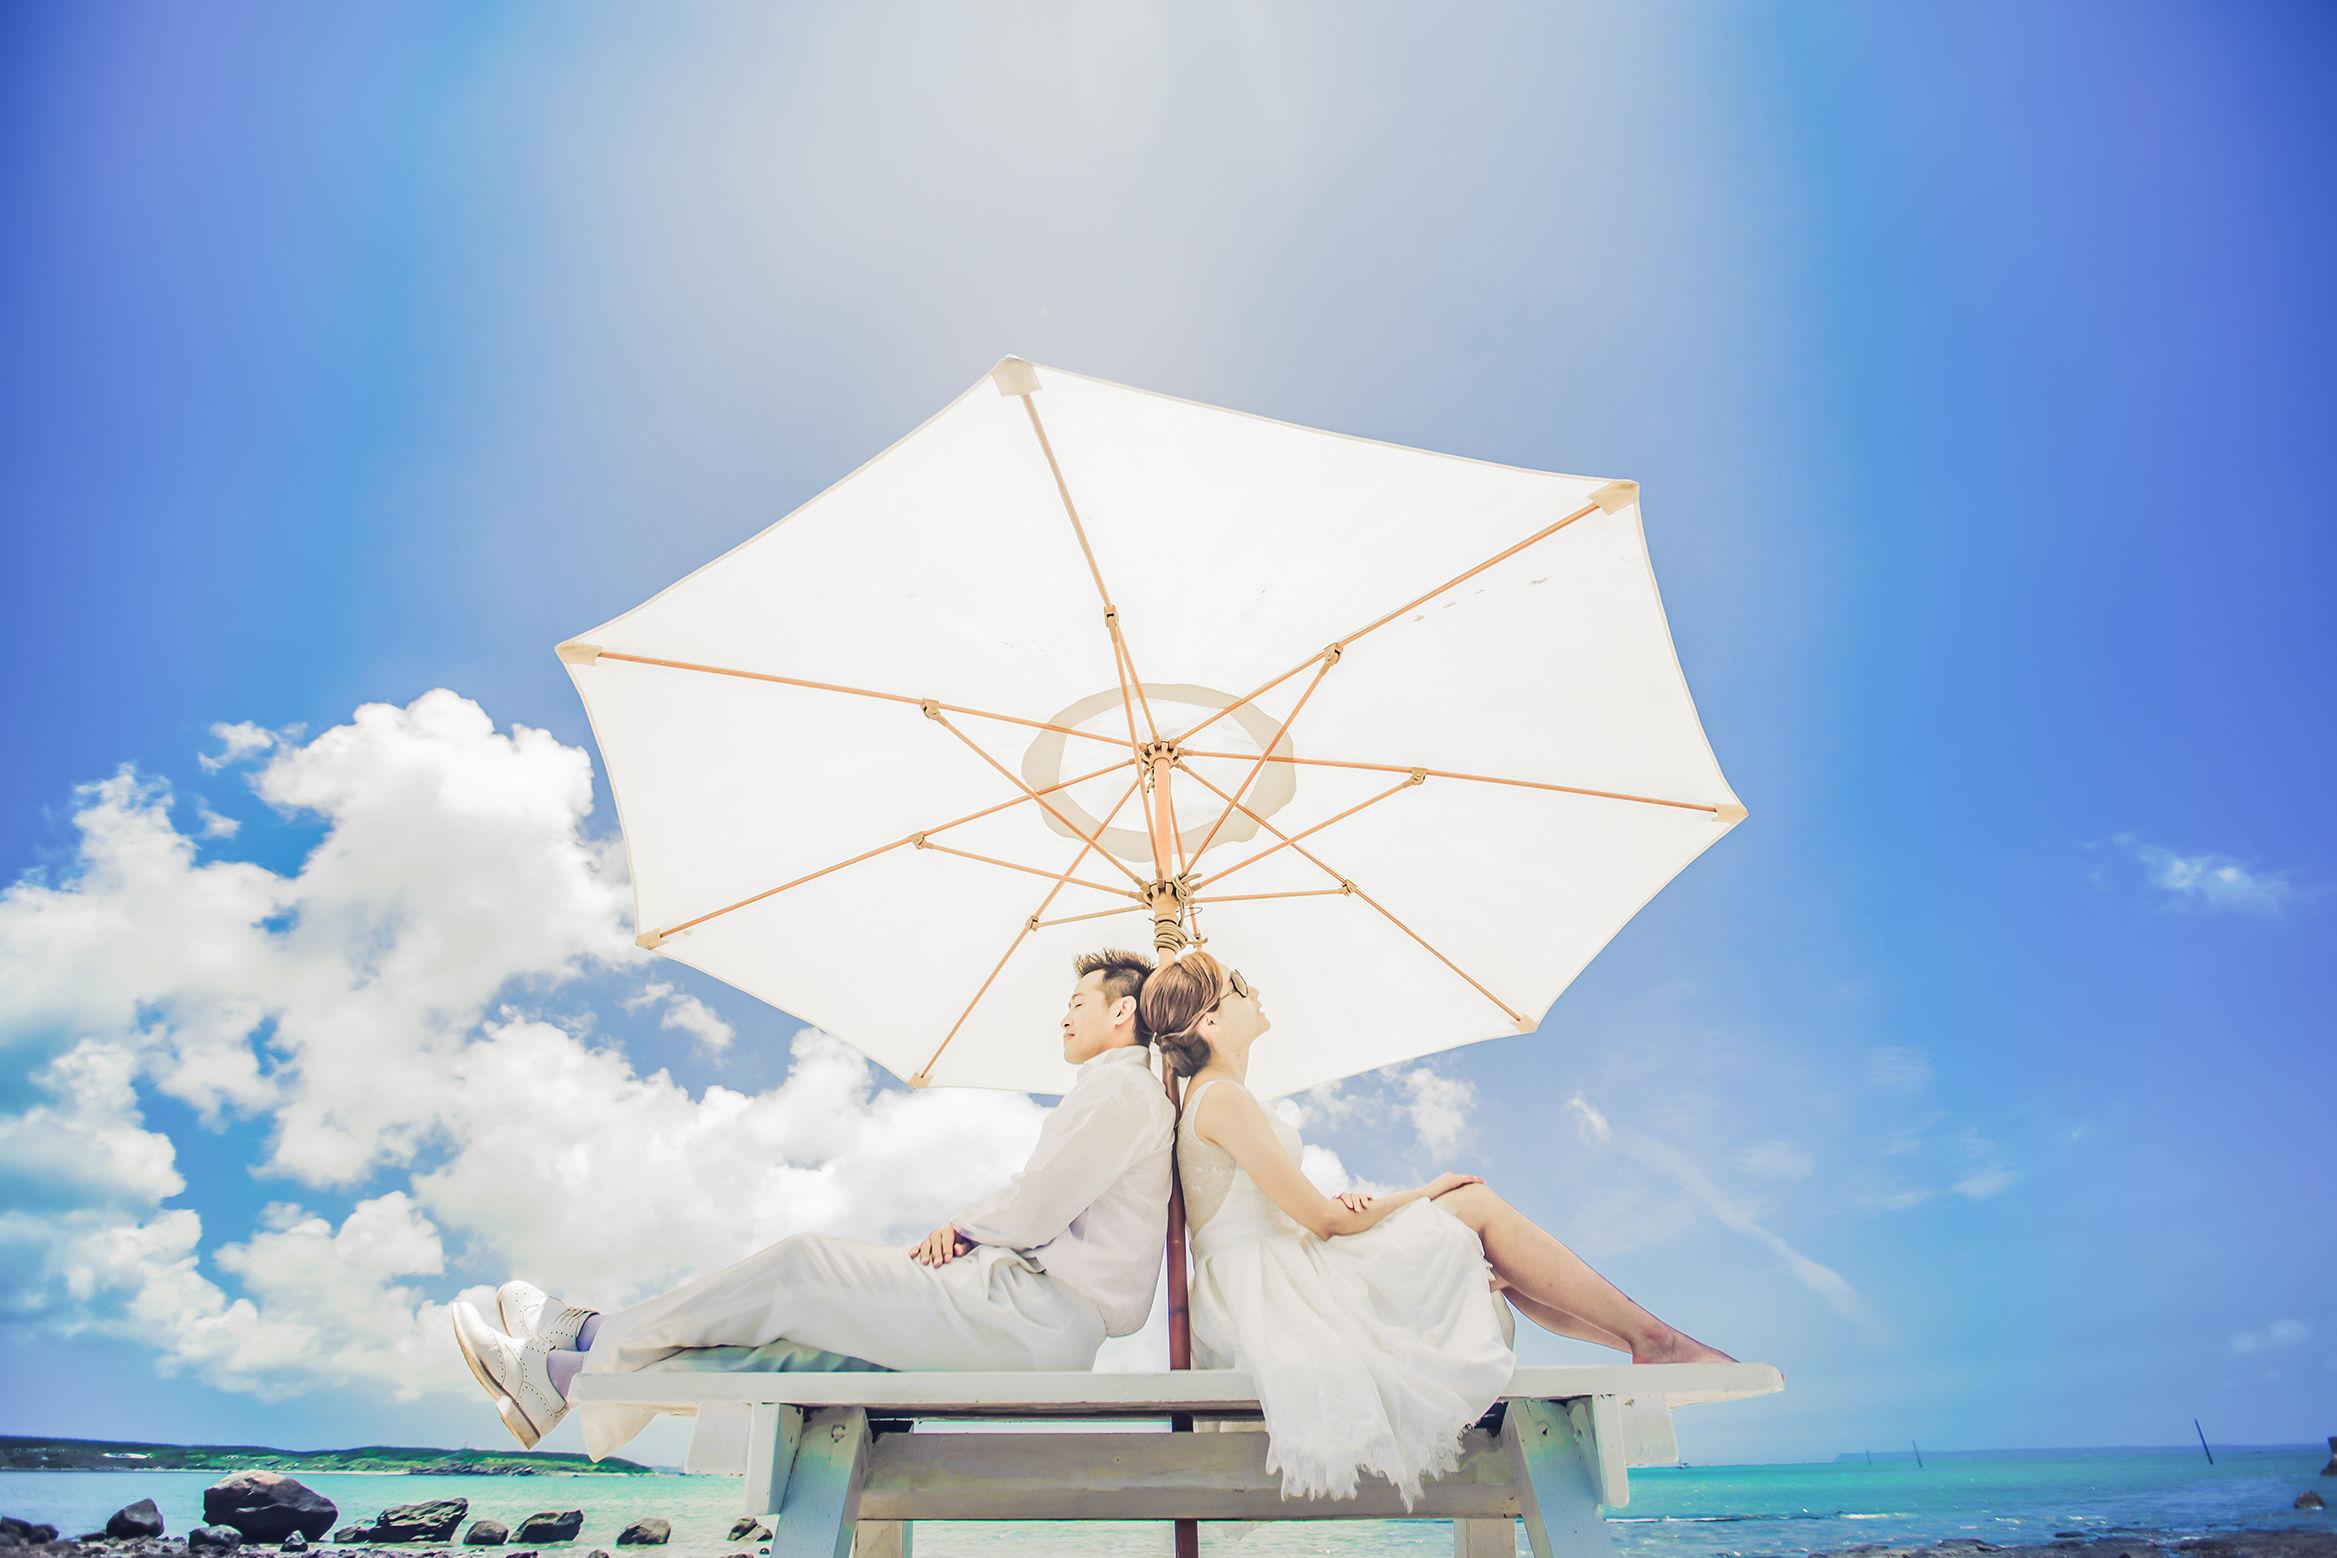 晴傘下約定的愛情